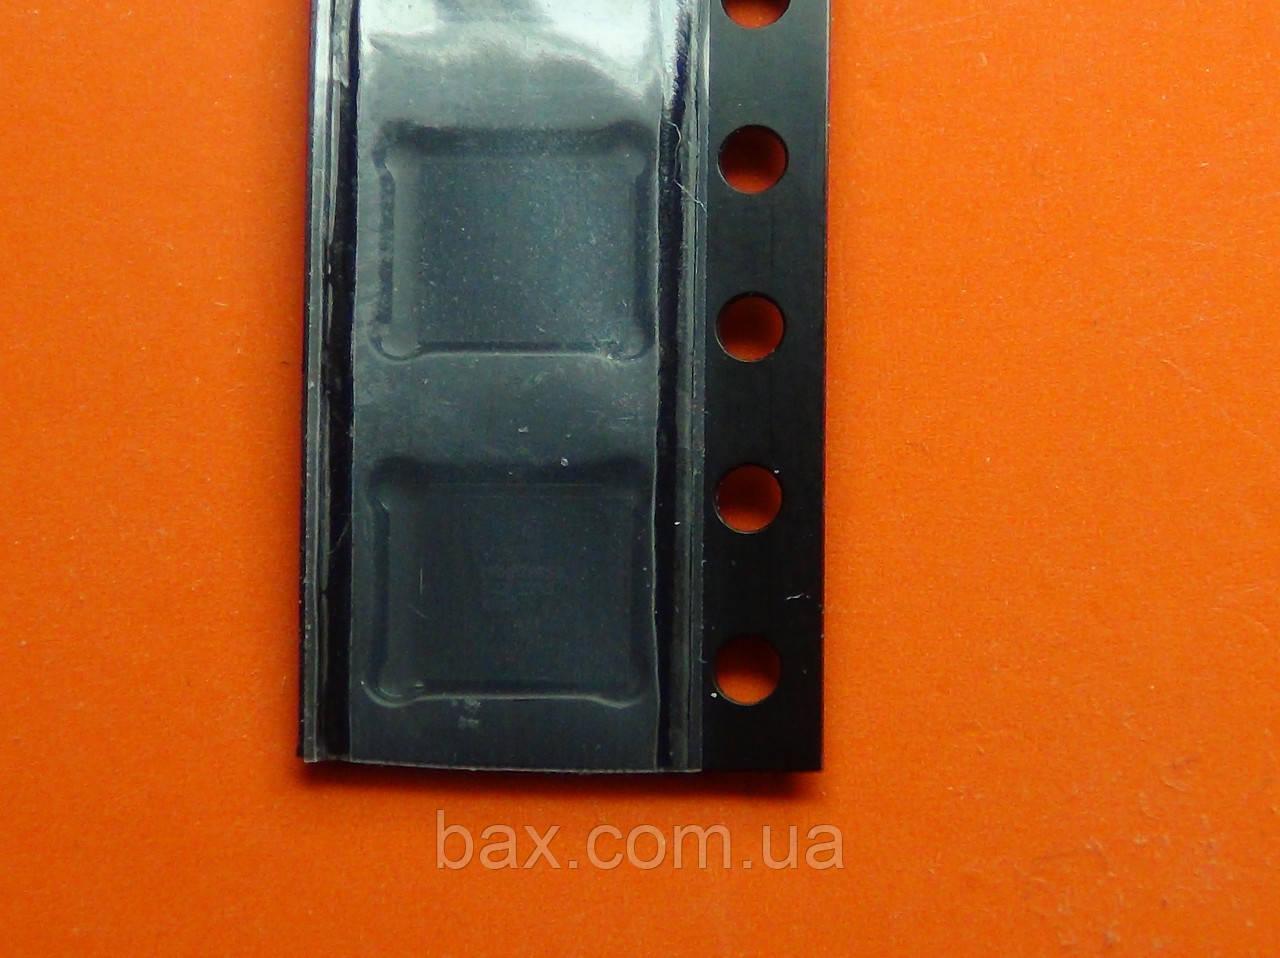 Мікросхема контролер живлення MAX17042 Новий в упаковці